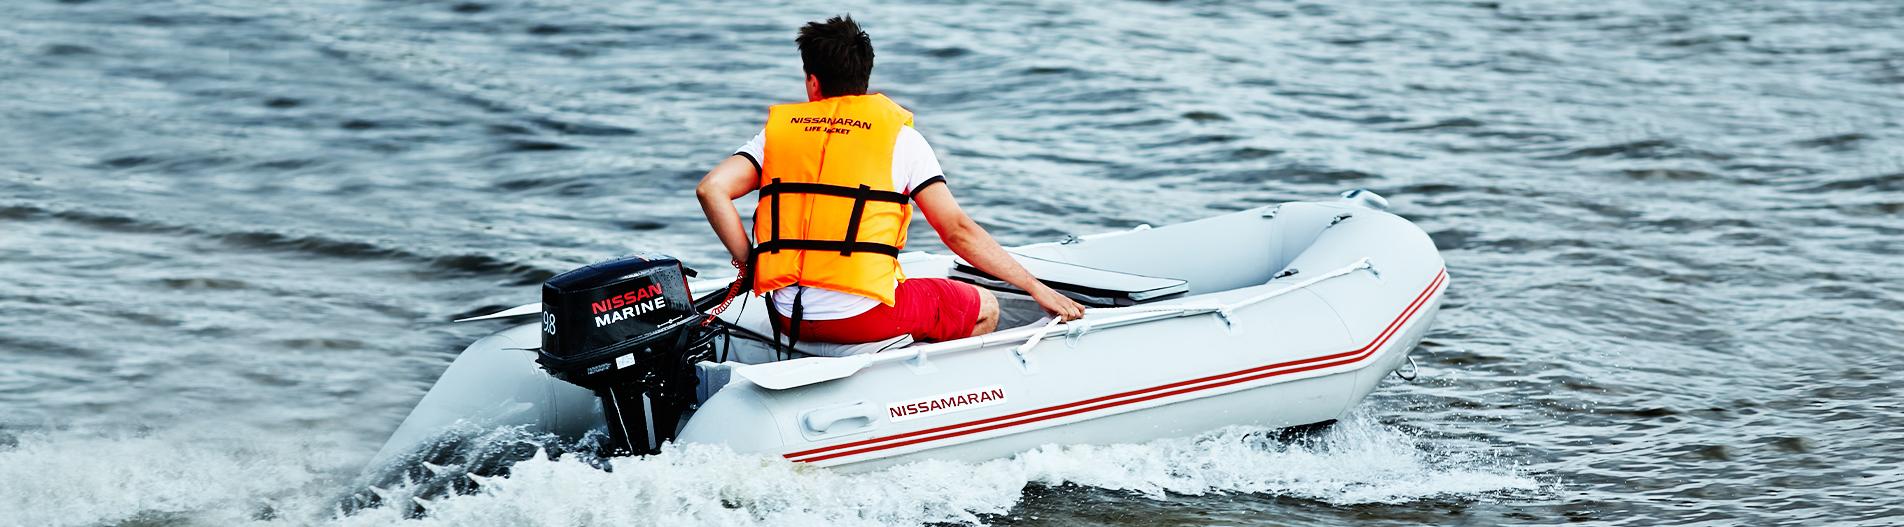 На нём jj-group представляла надувные моторно-гребные лодки nissamaran и моторы nissan-marine